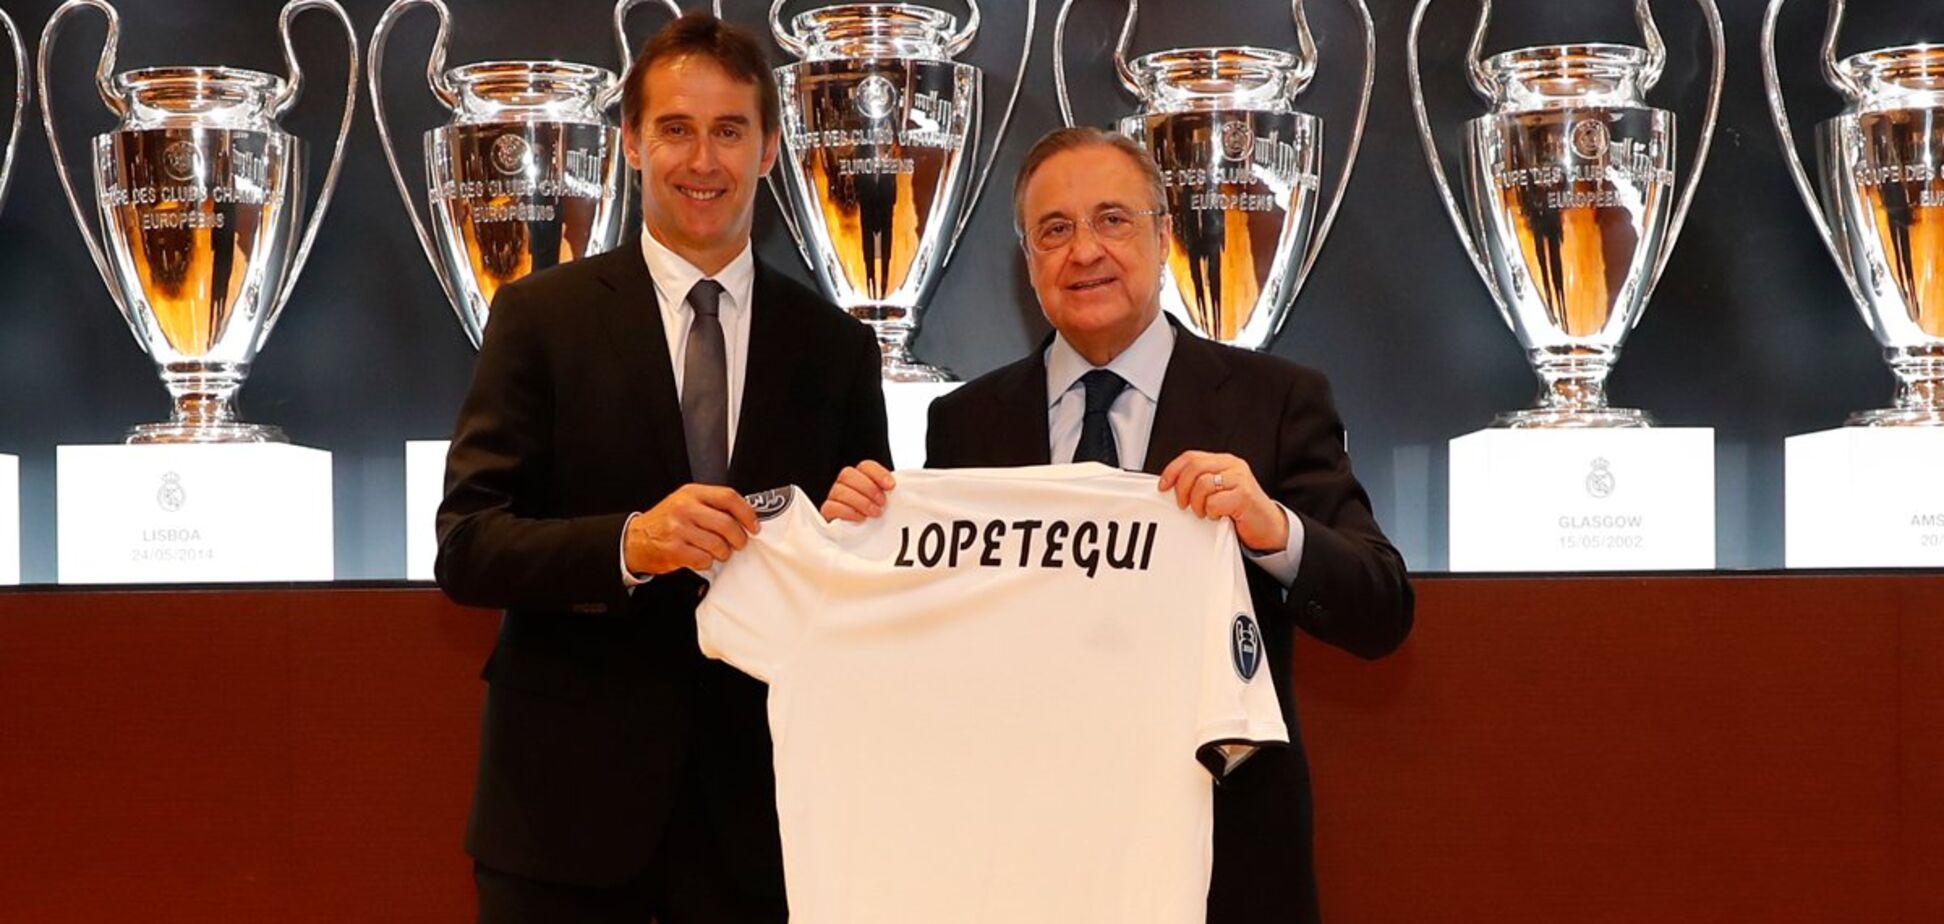 Замість Зідана: в Іспанії офіційно представили нового тренера 'Реала'